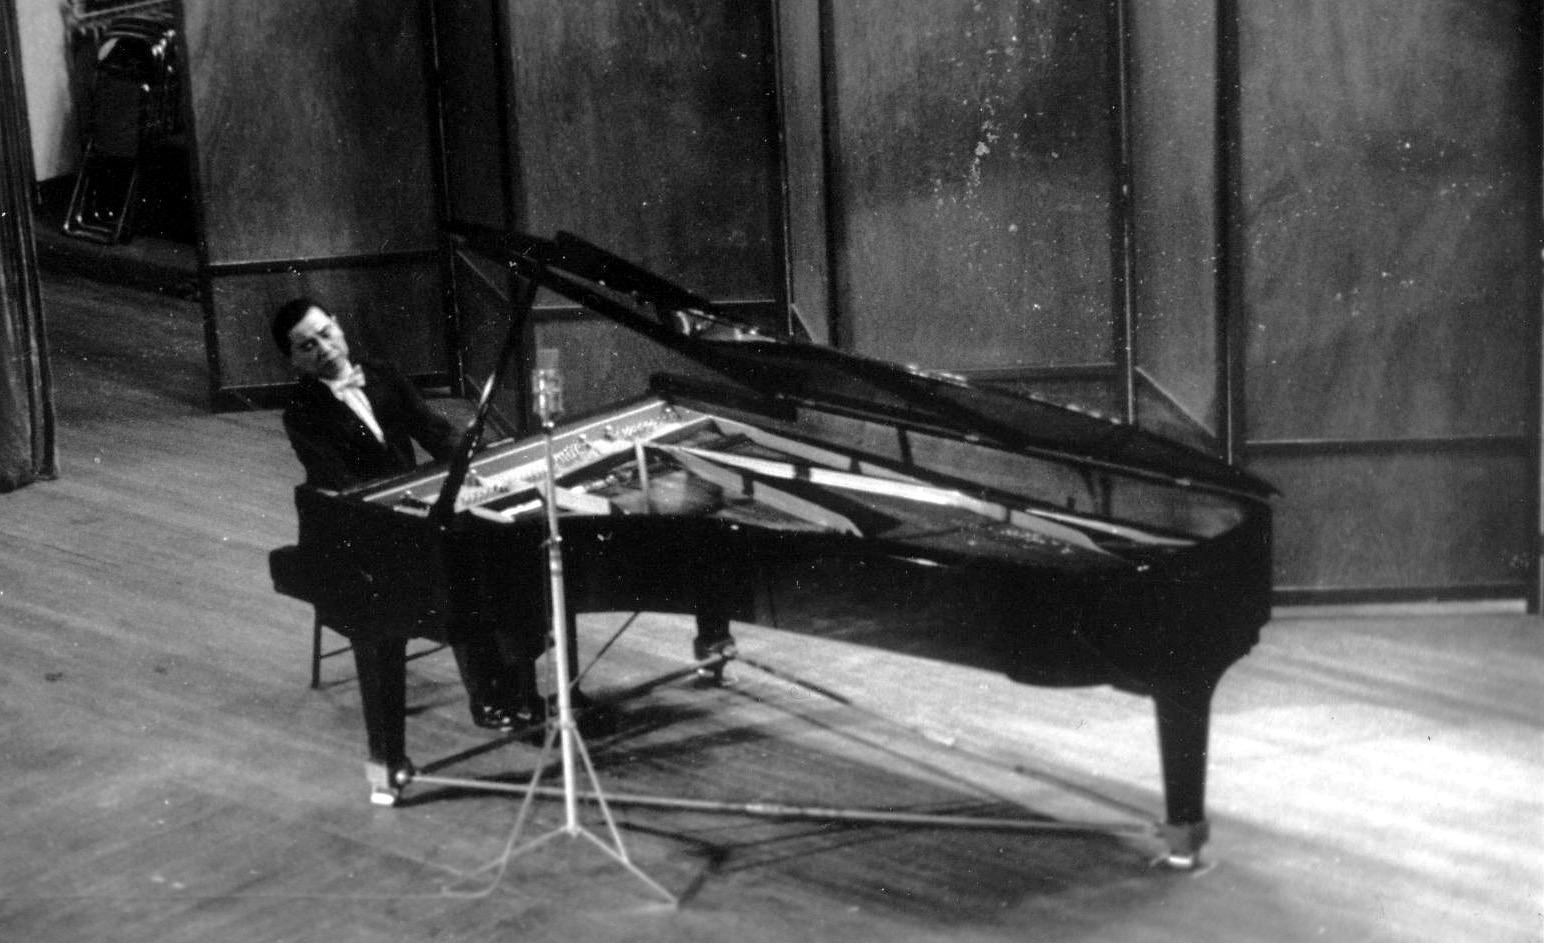 1985年5月9日傅聪于上海音乐厅举行肖邦作品音乐会,半场是独奏曲目,另外半场是他与陈燮阳指挥的上交合作肖邦《第二钢琴协奏曲》。李严欢 供图